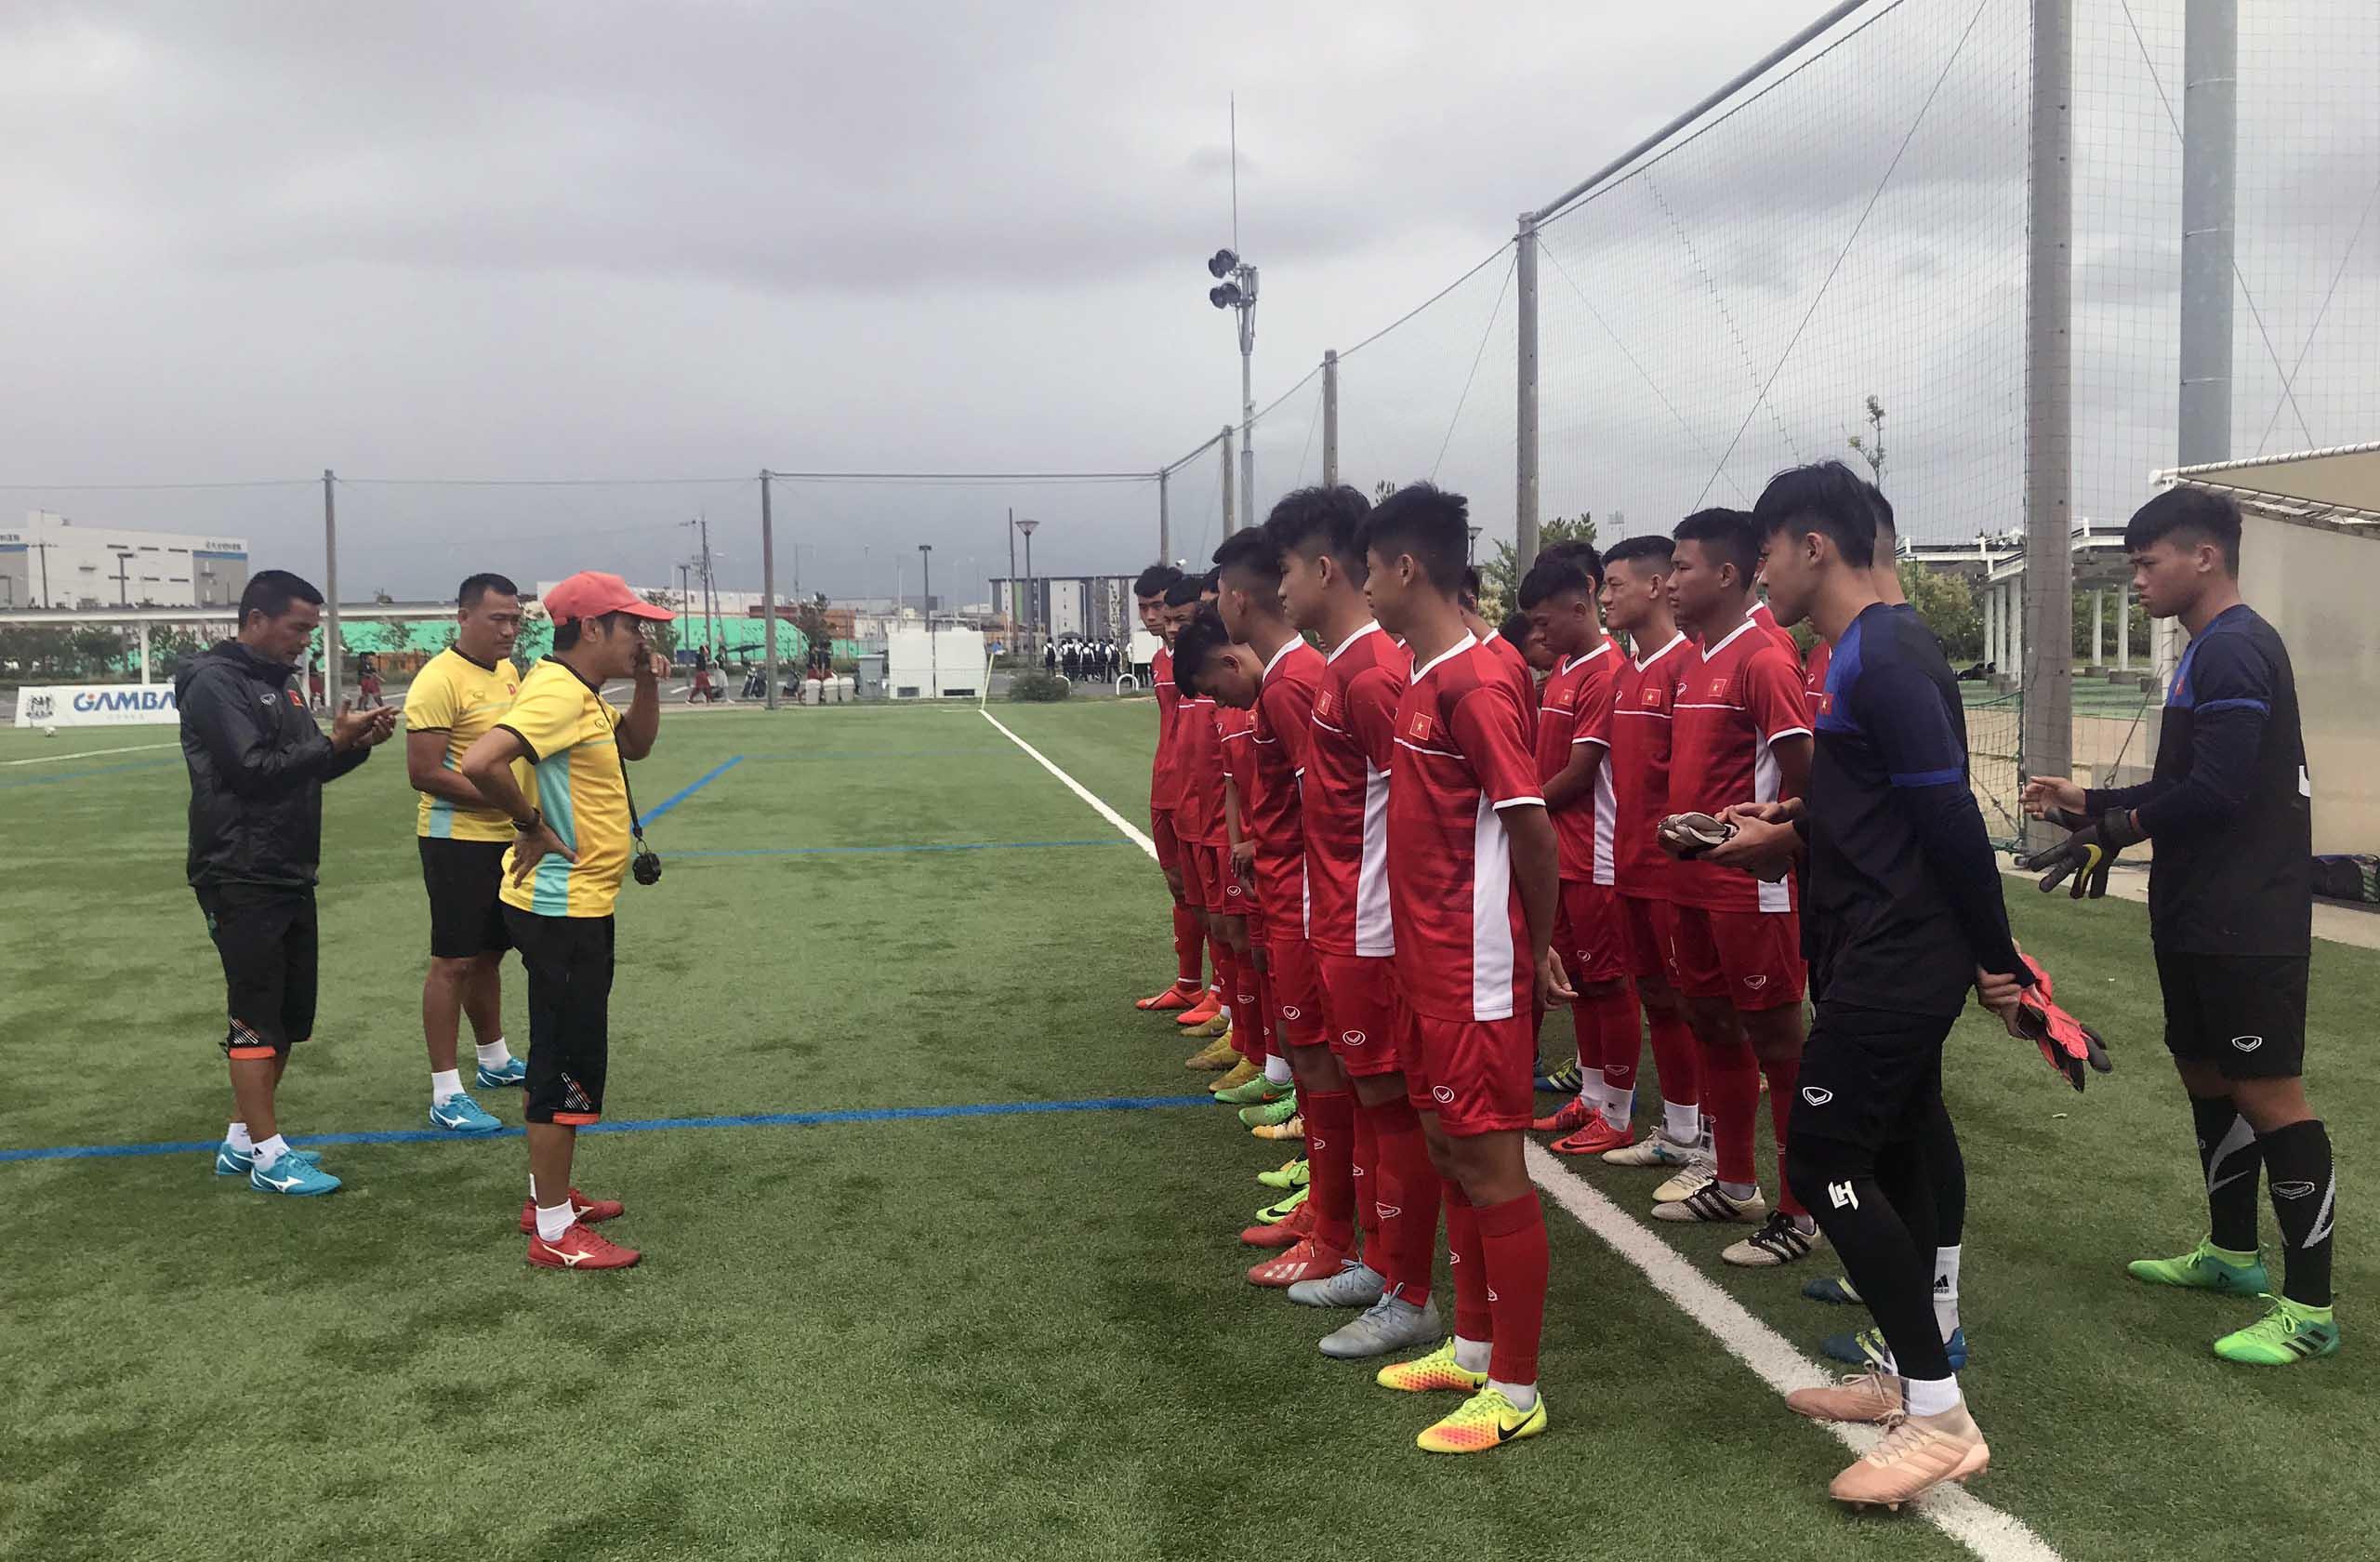 Các cầu thủ ĐT U15 Việt Nam hứng khởi bước vào buổi tập đầu tiên tại J-Green Sakai